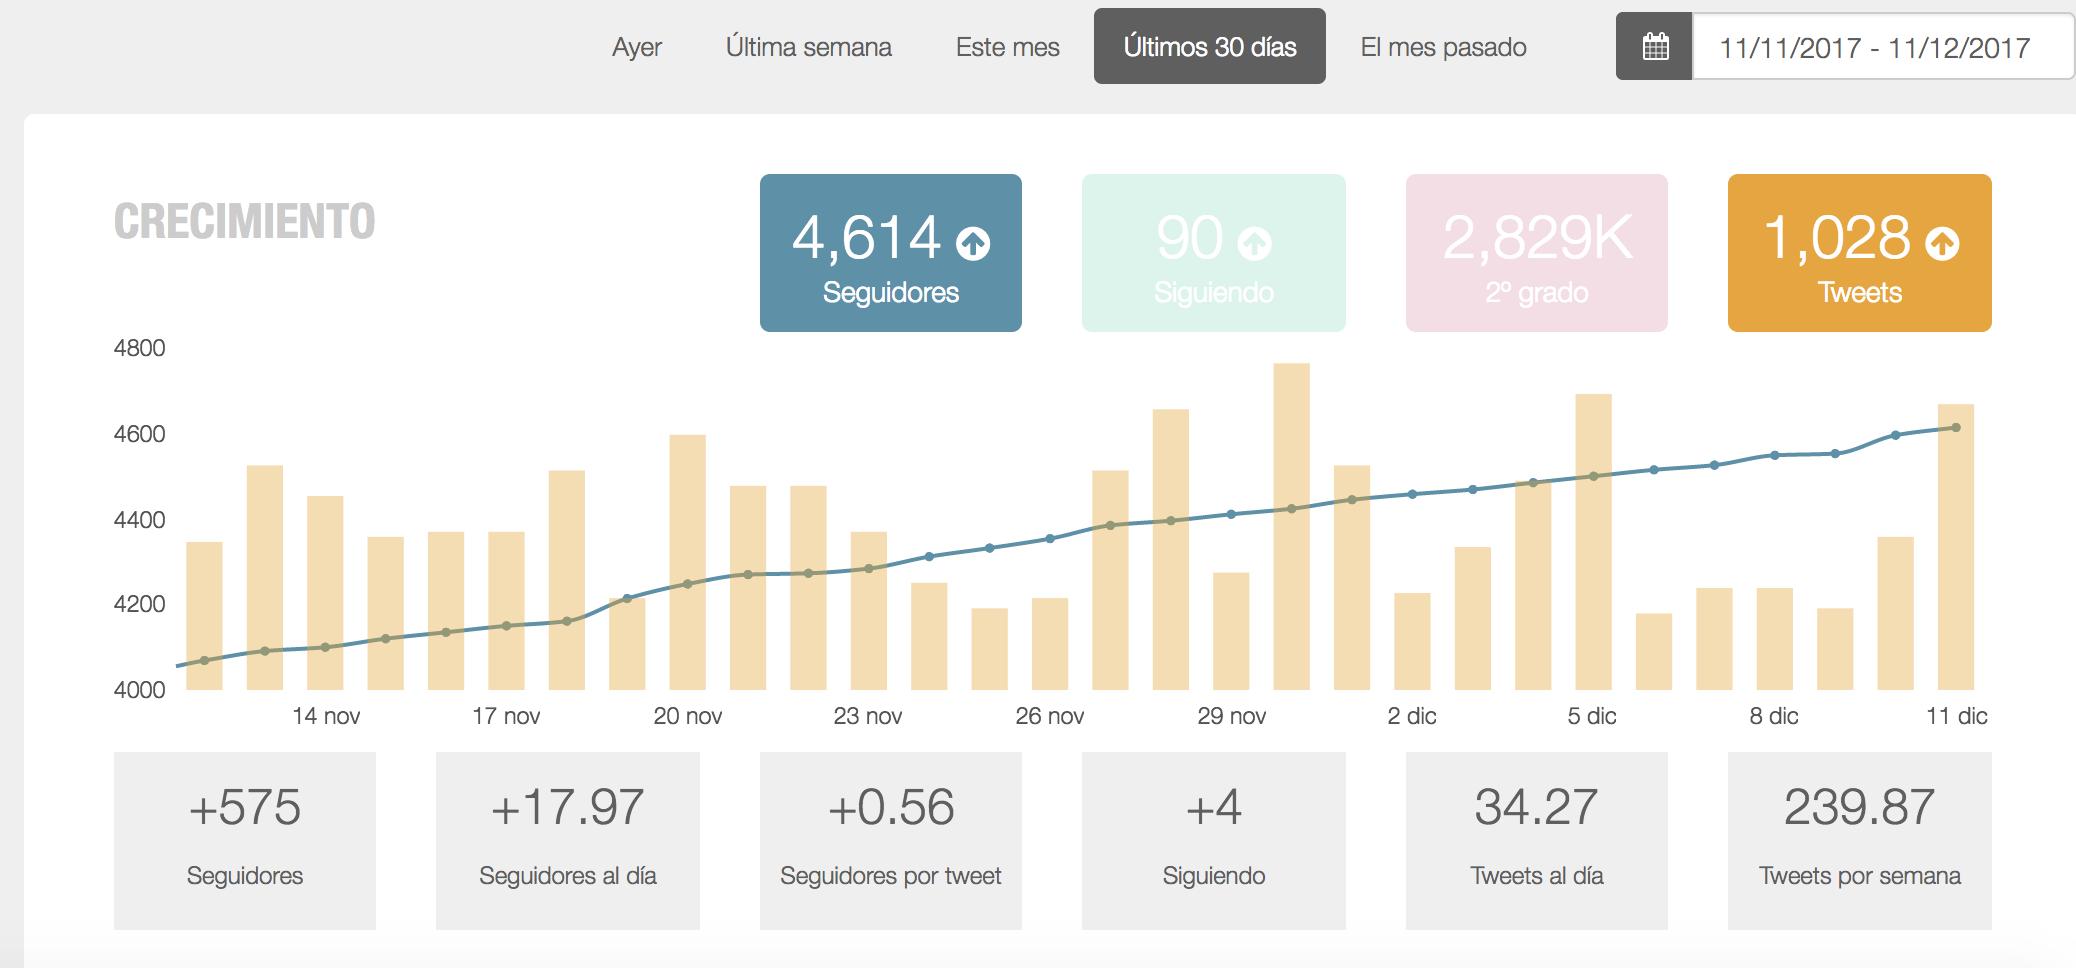 Análisis de Redes Sociales - Medición de crecimiento Metricool